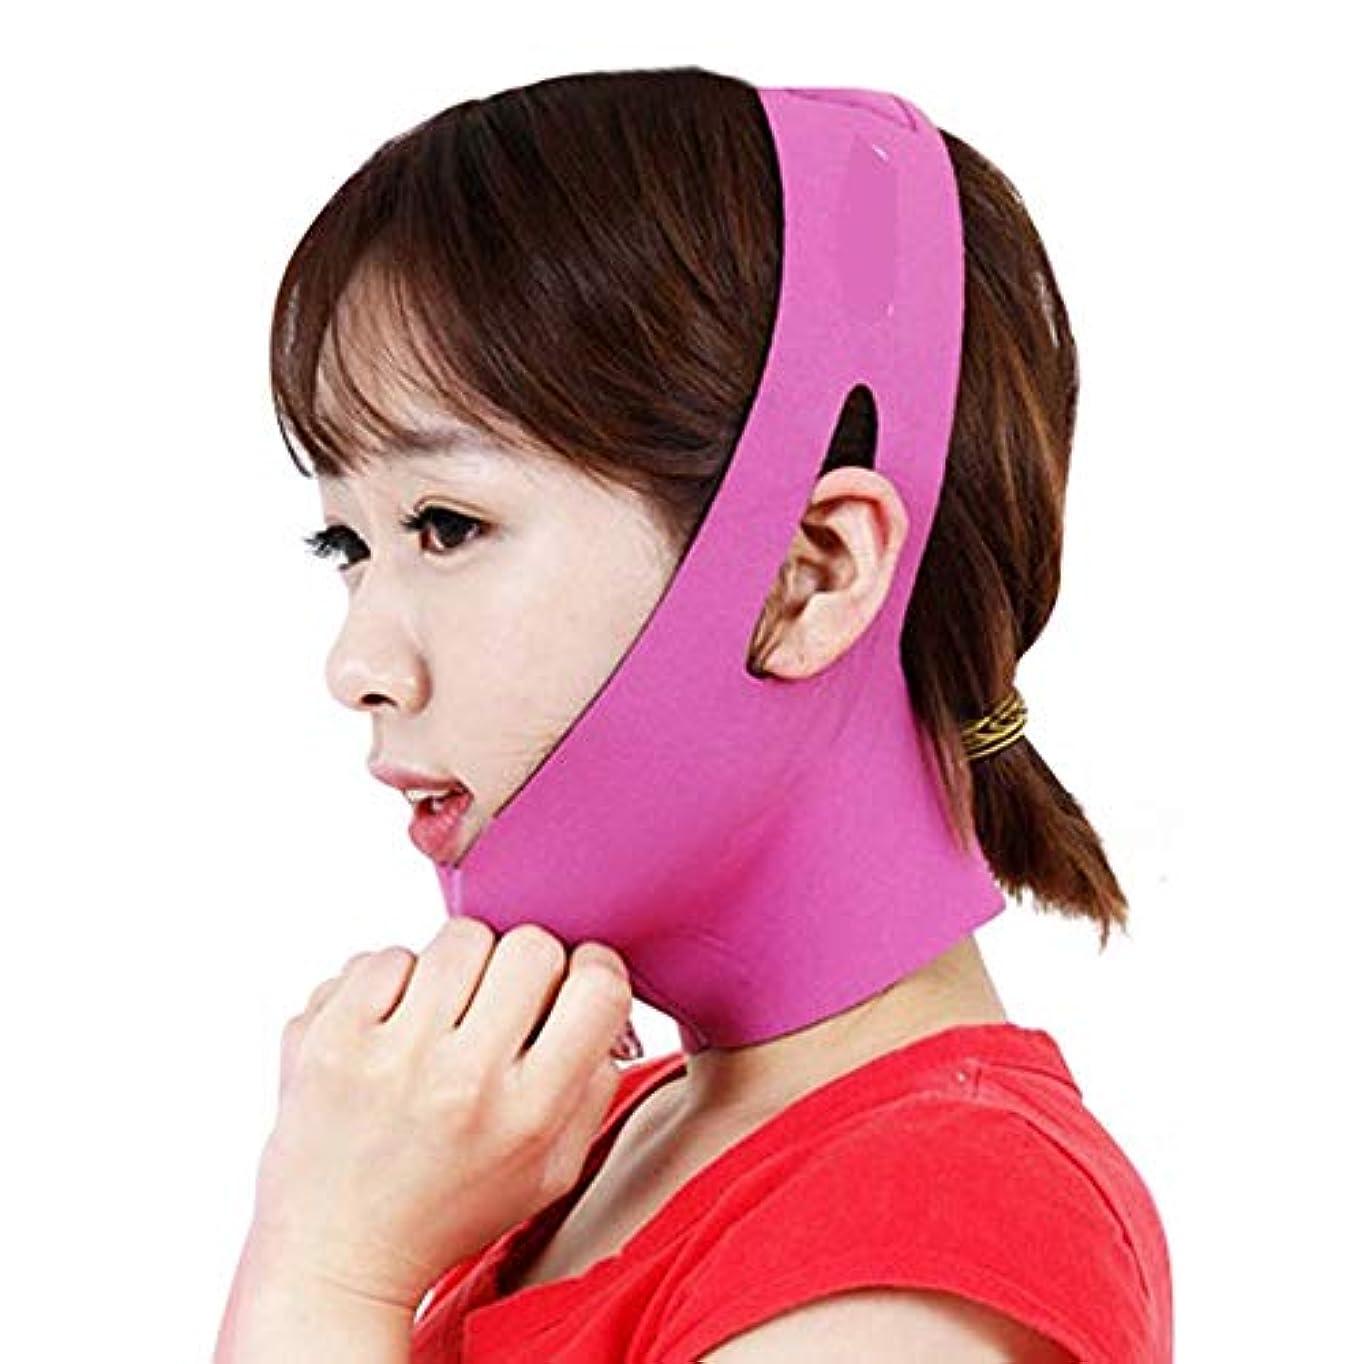 未満けがをする苦難Minmin フェイシャルリフティング痩身ベルト圧縮二重あご減量ベルトスキンケア薄い顔包帯二重あごワークアウト みんみんVラインフェイスマスク (Color : Pink)